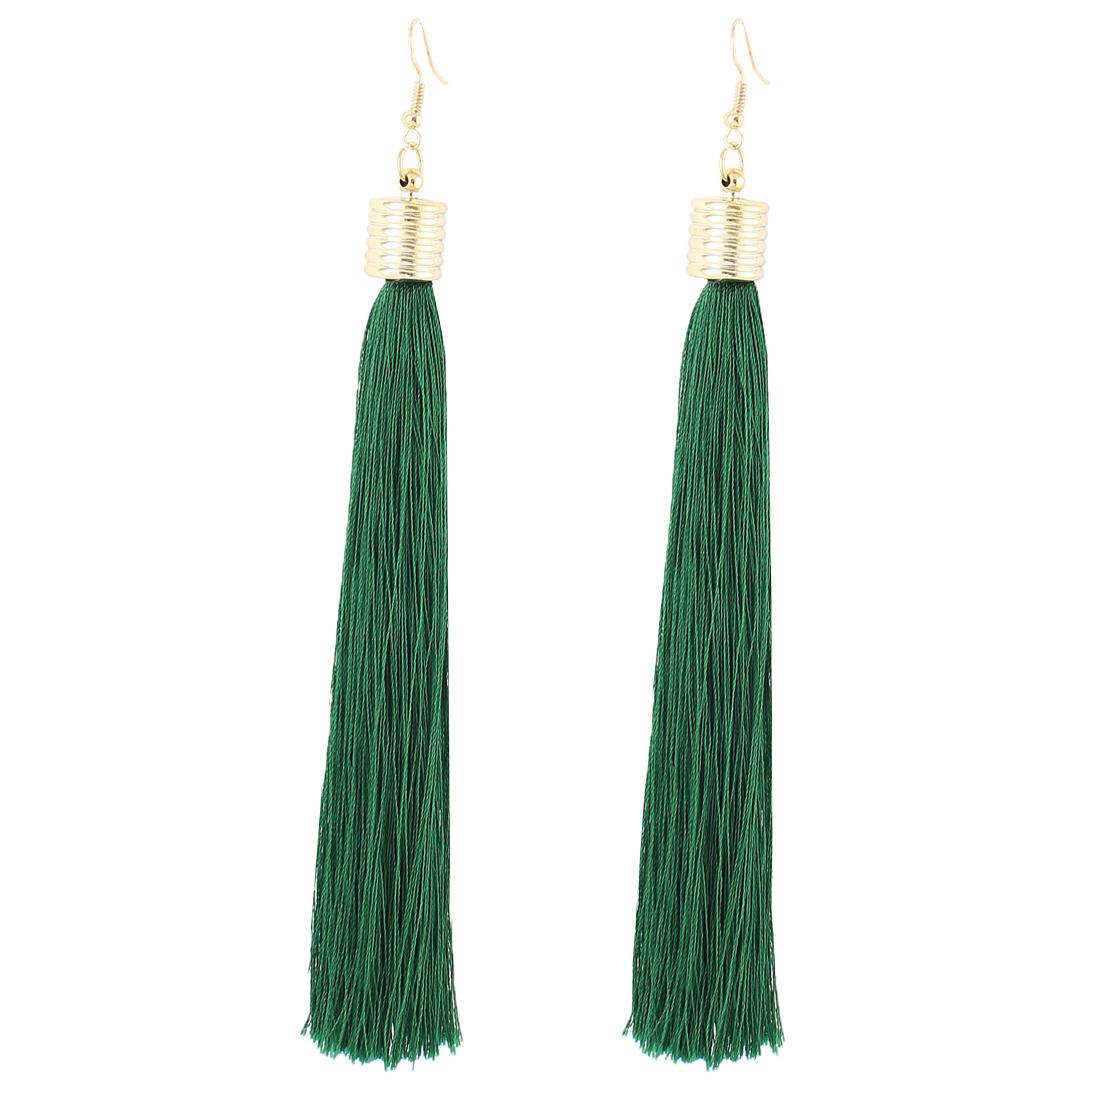 Pair Green Tassel Pendant Dangling Gold Tone Metal Ear Hooks Drops Earrings Eardrops for Woman